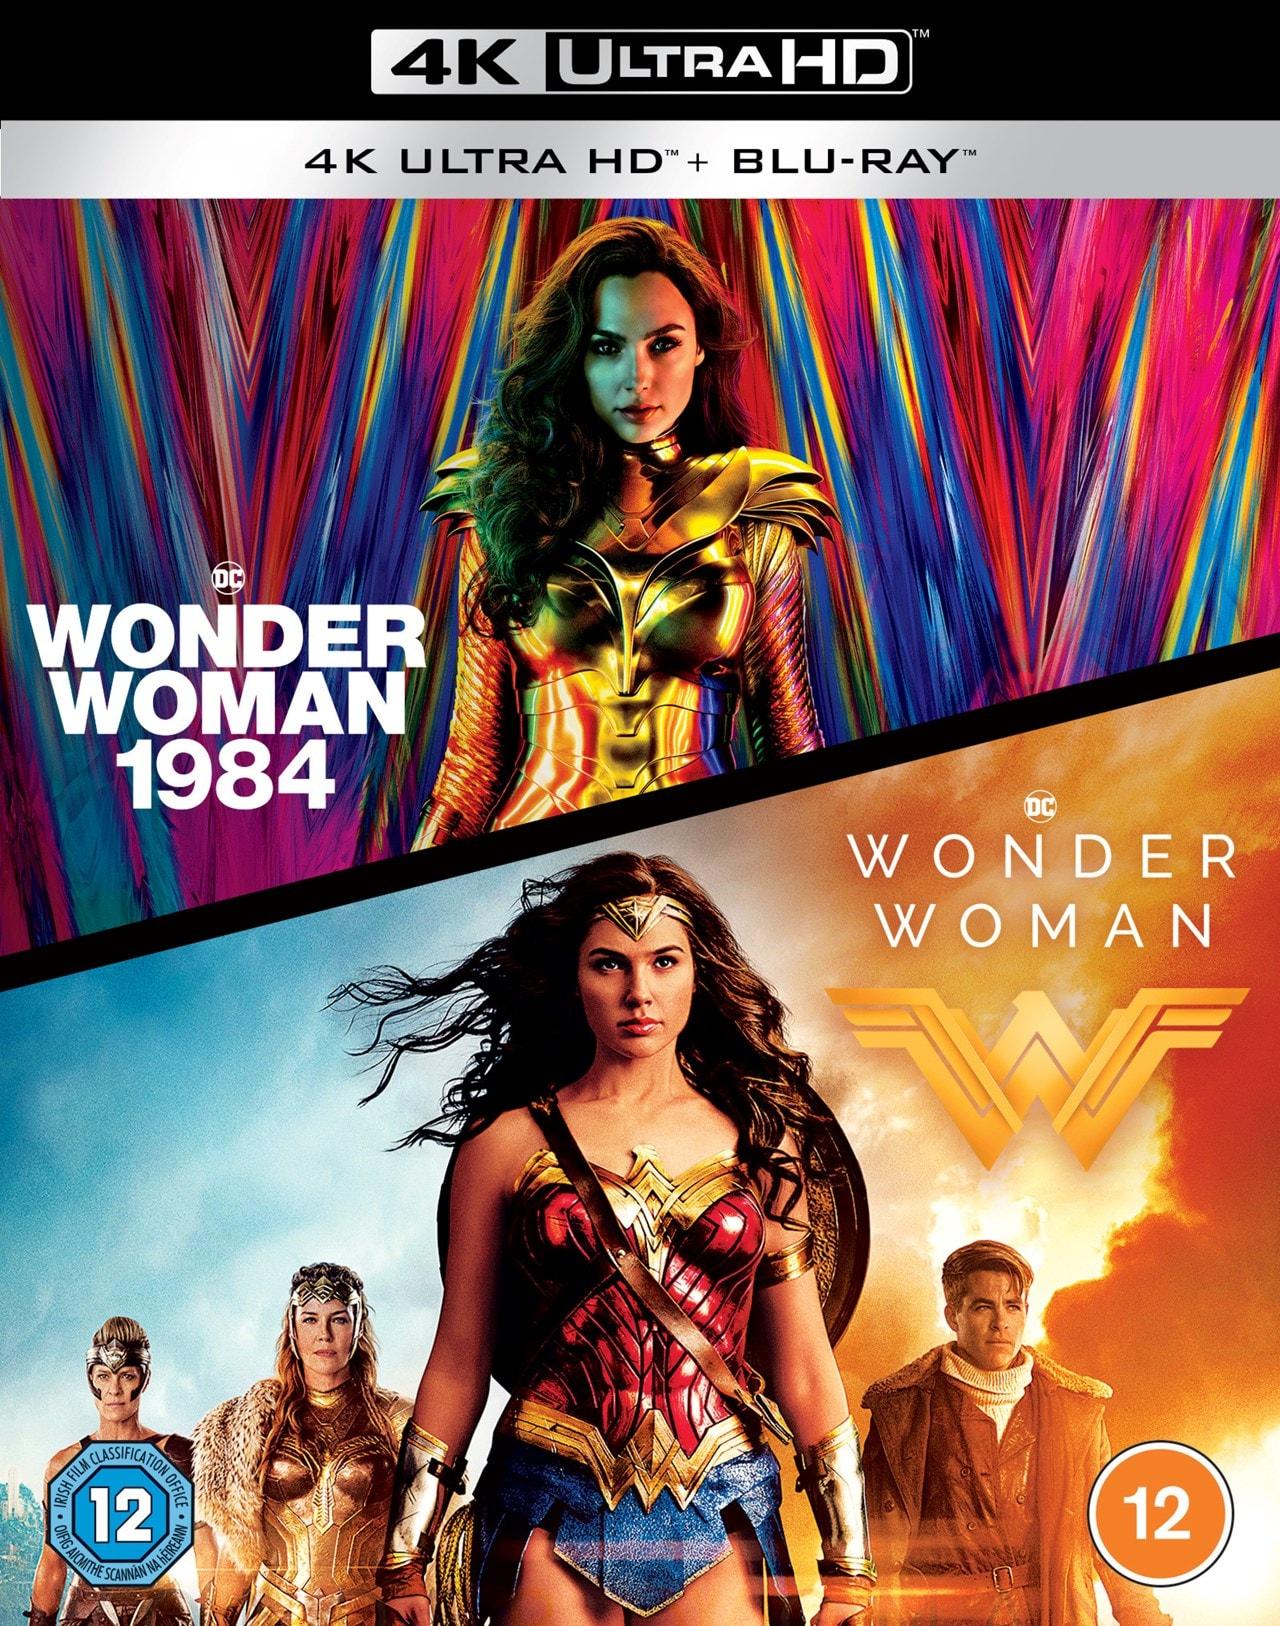 Wonder Woman/Wonder Woman 1984 - 1